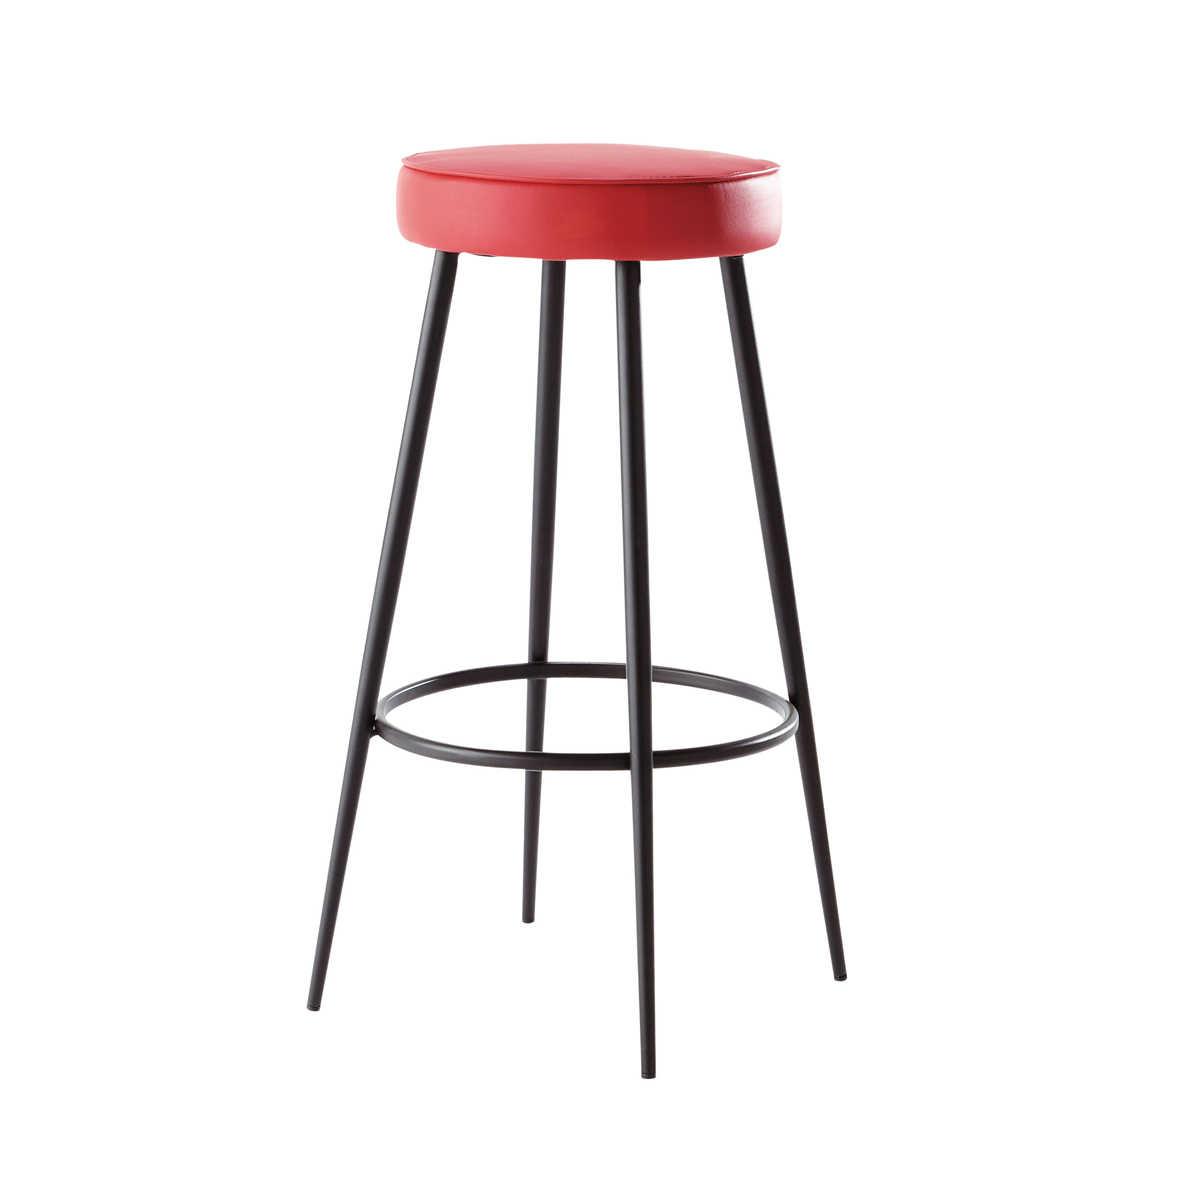 tabouret bar rouge design en image. Black Bedroom Furniture Sets. Home Design Ideas